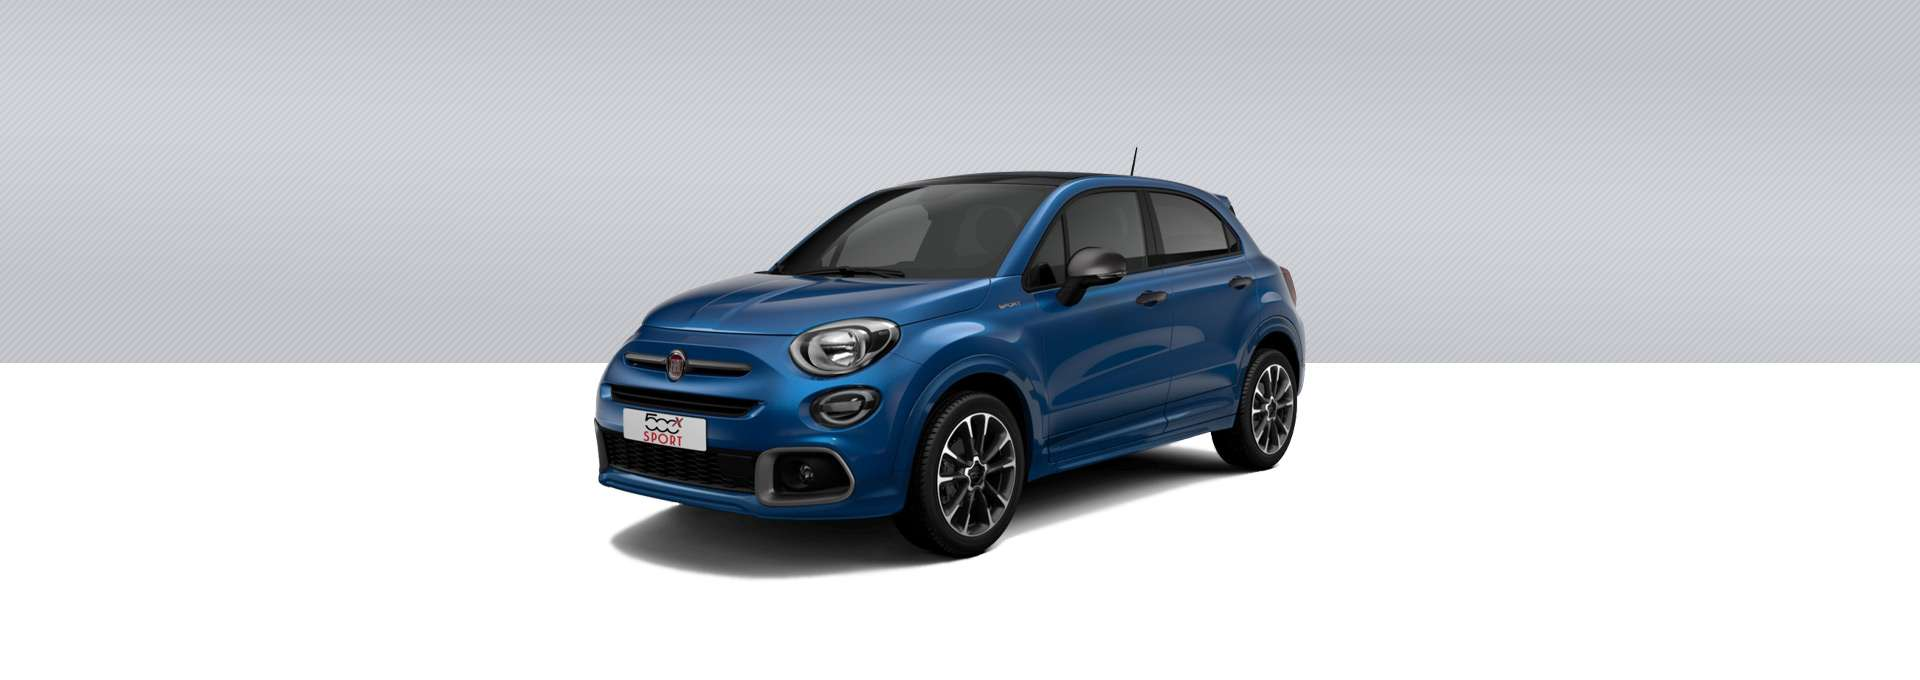 Fiat 500 X DOLCEVITA SPORT